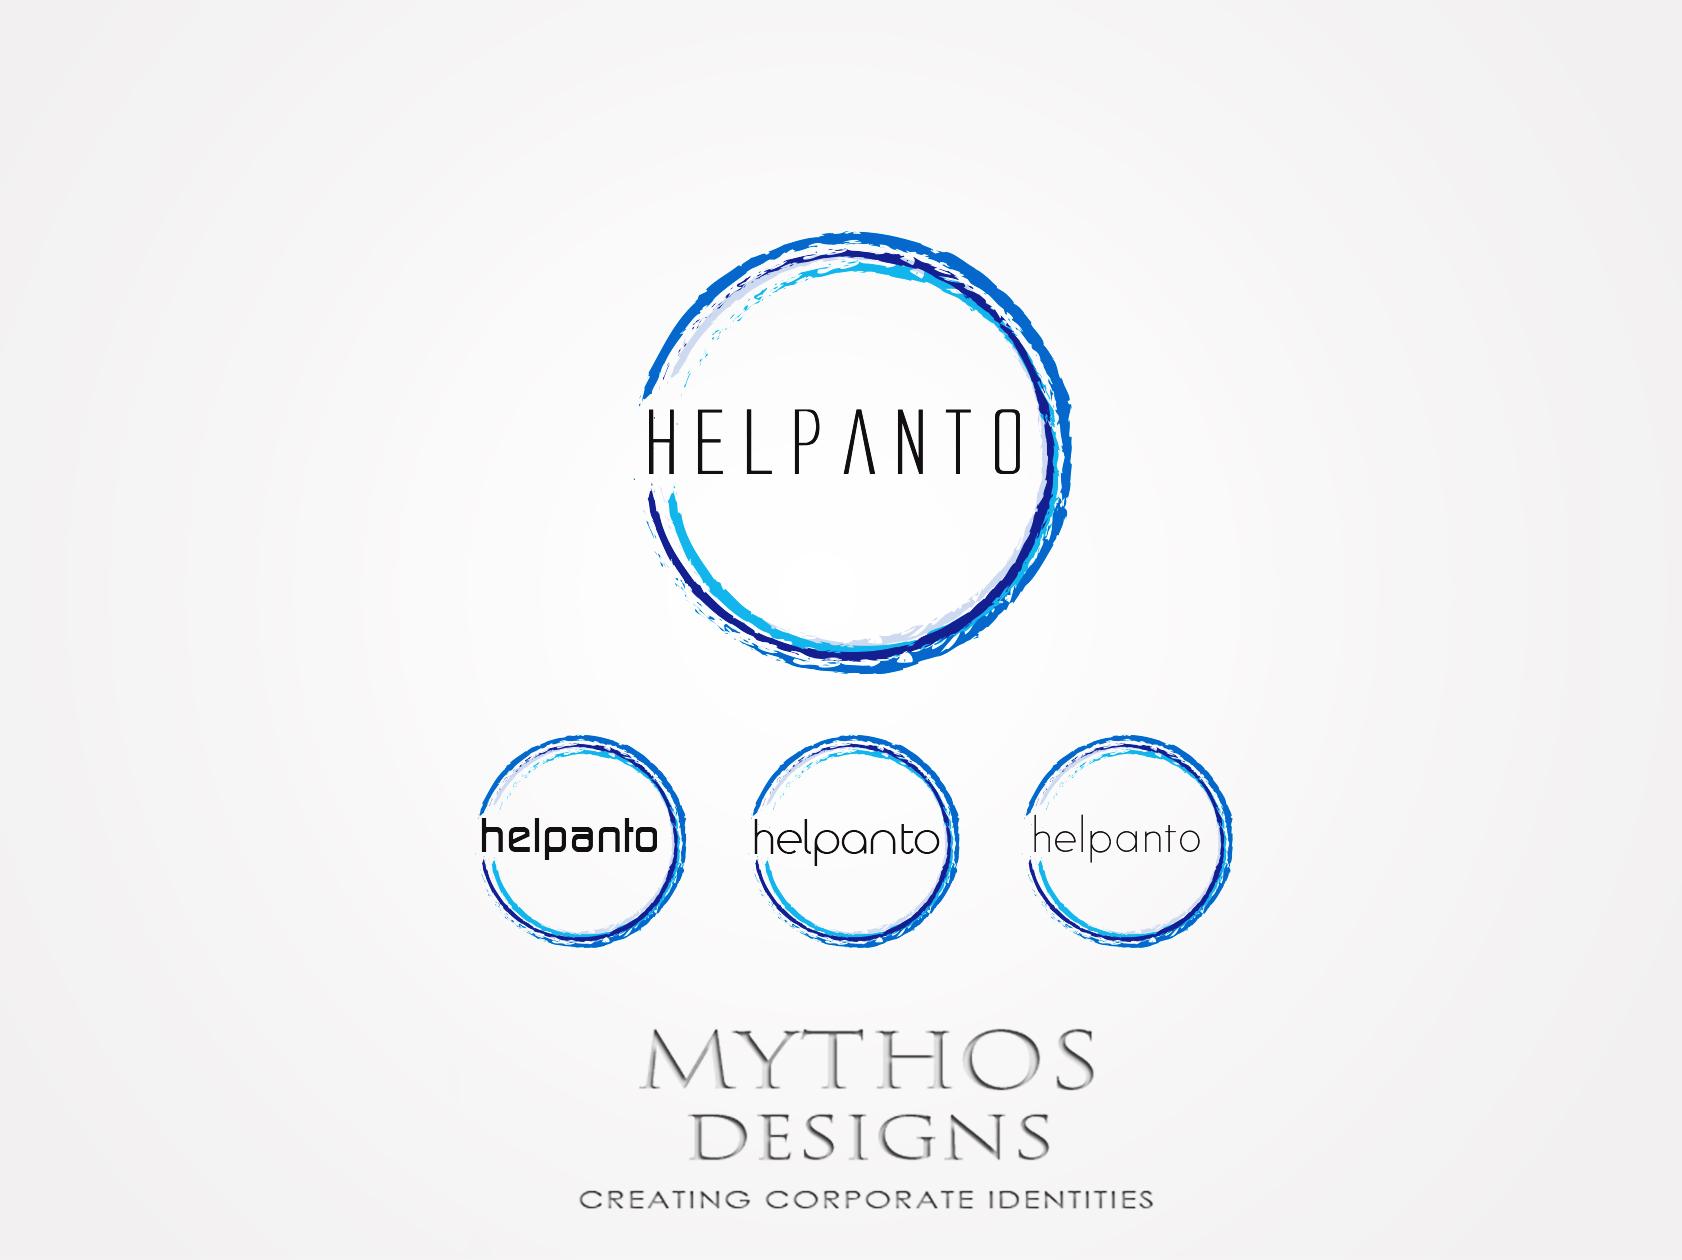 Logo Design by Mythos Designs - Entry No. 107 in the Logo Design Contest Artistic Logo Design for helpanto.